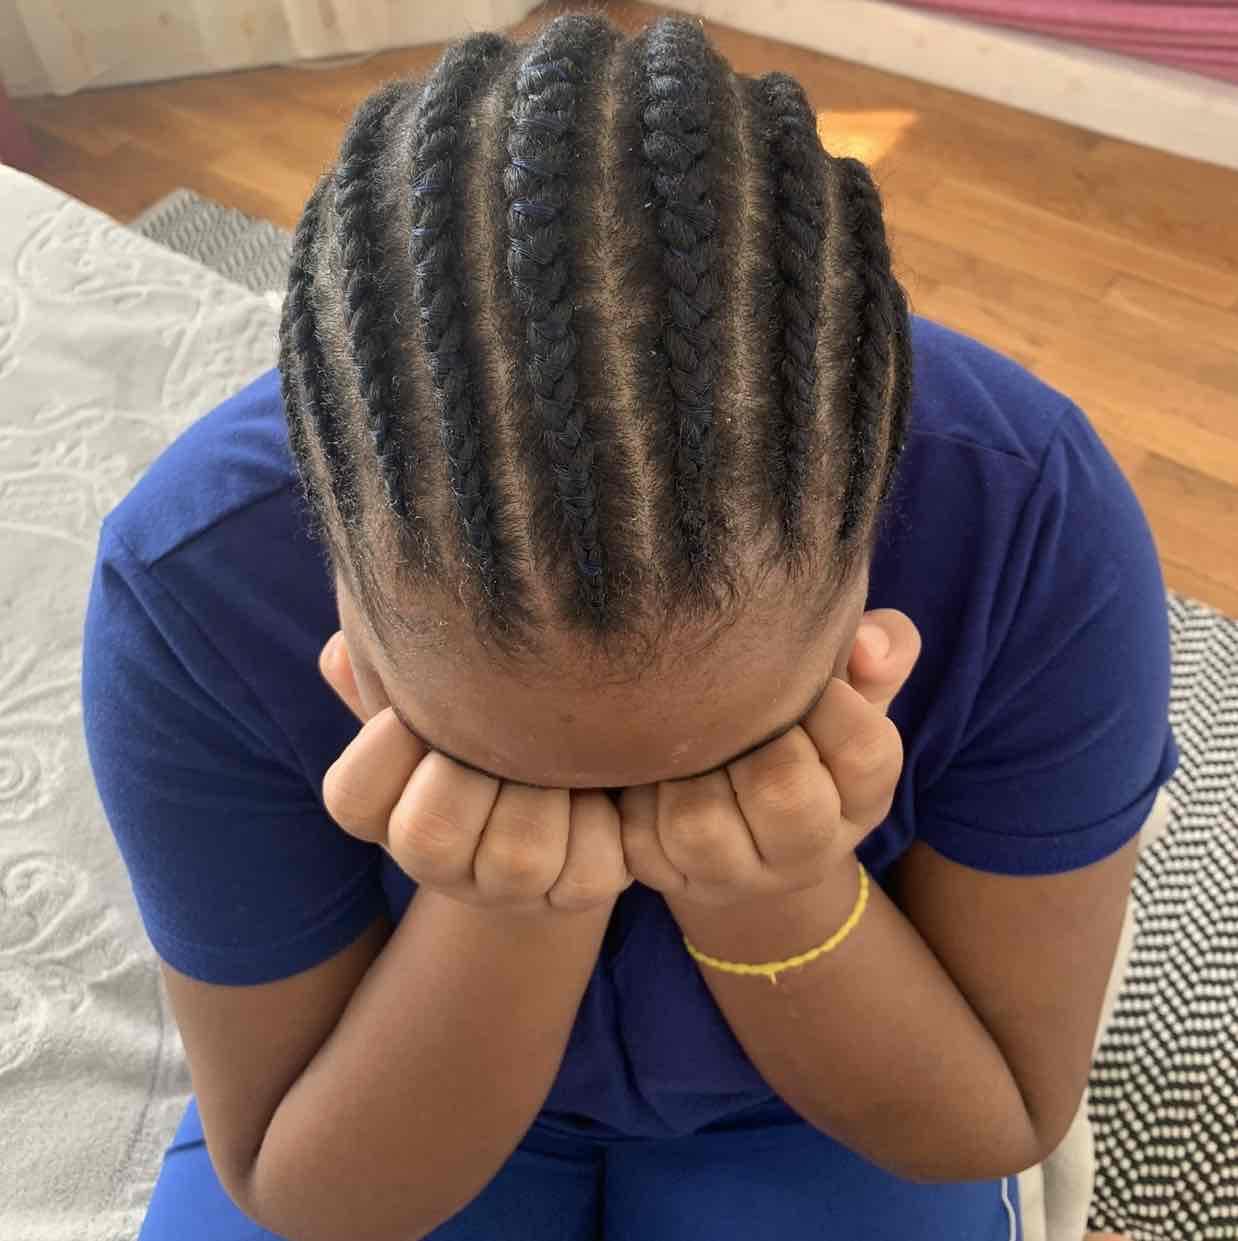 salon de coiffure afro tresse tresses box braids crochet braids vanilles tissages paris 75 77 78 91 92 93 94 95 PQBFGBQH